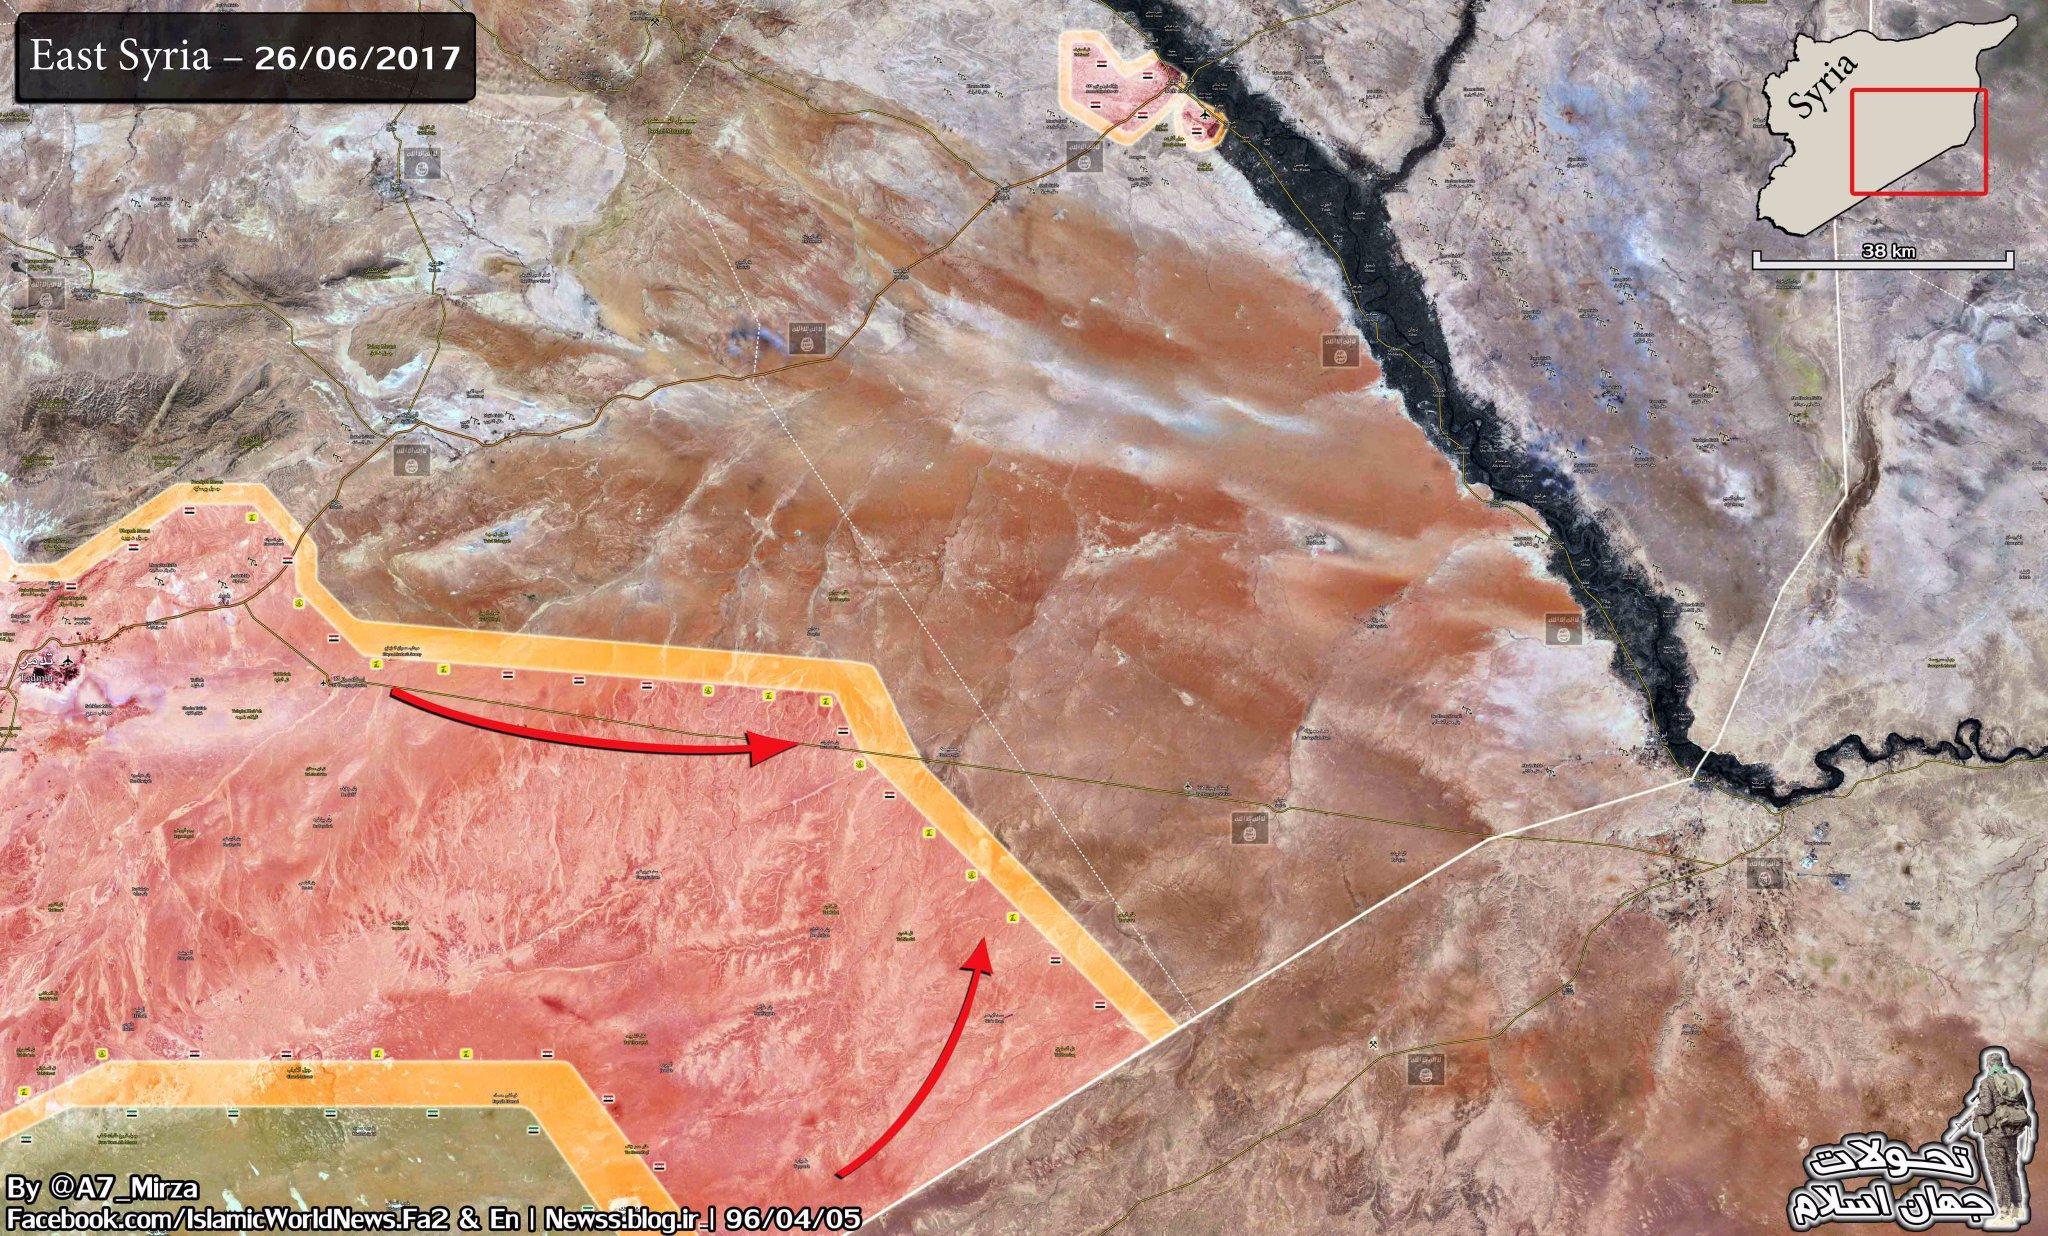 El Senado de Rusia autoriza el uso de las Fuerzas Aéreas en Siria - Página 2 DDQOKKCUMAAUi6H